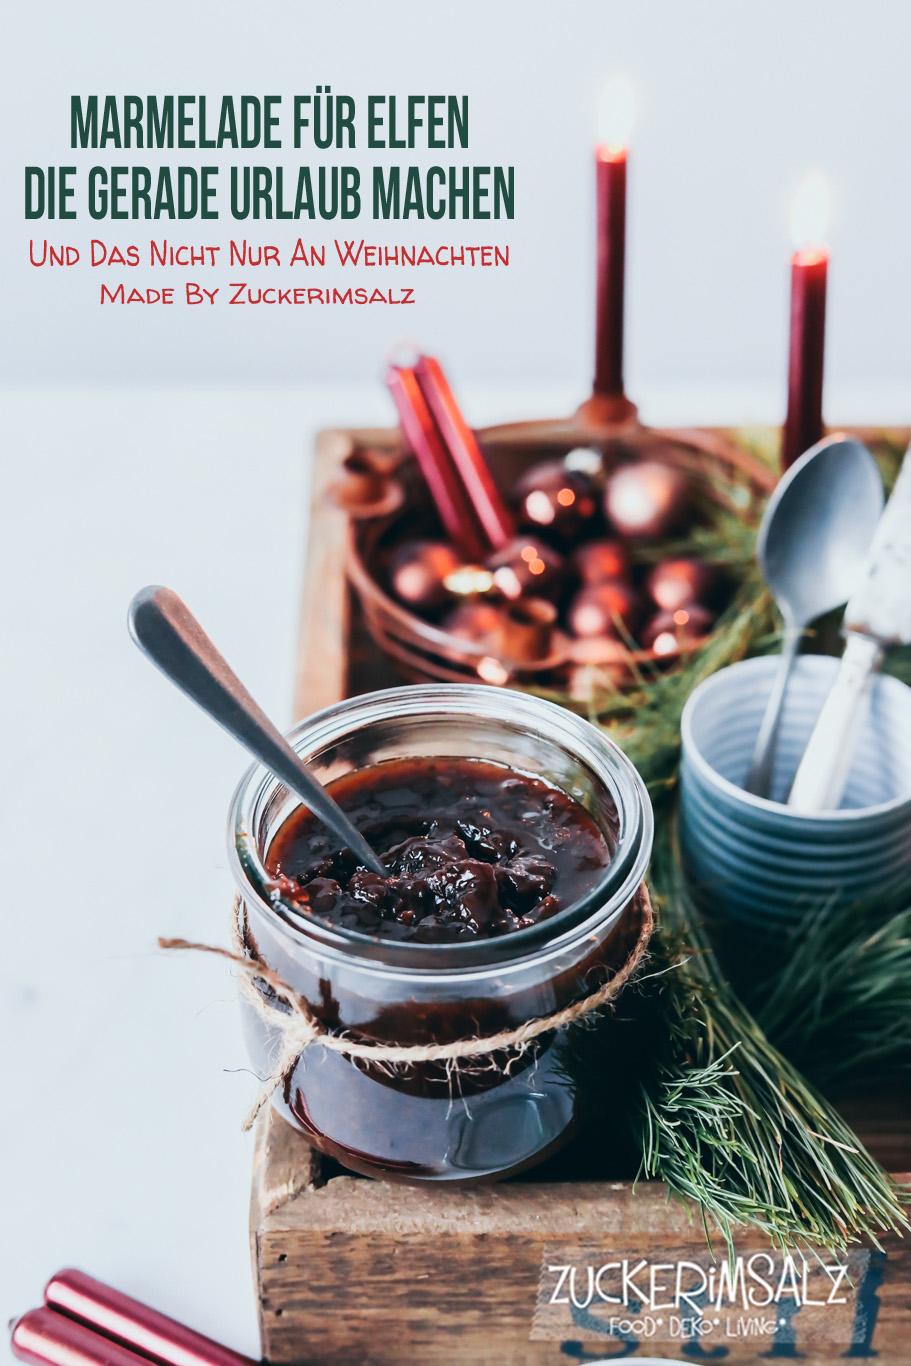 Marmelade für Elfen die gerade Urlaub machen